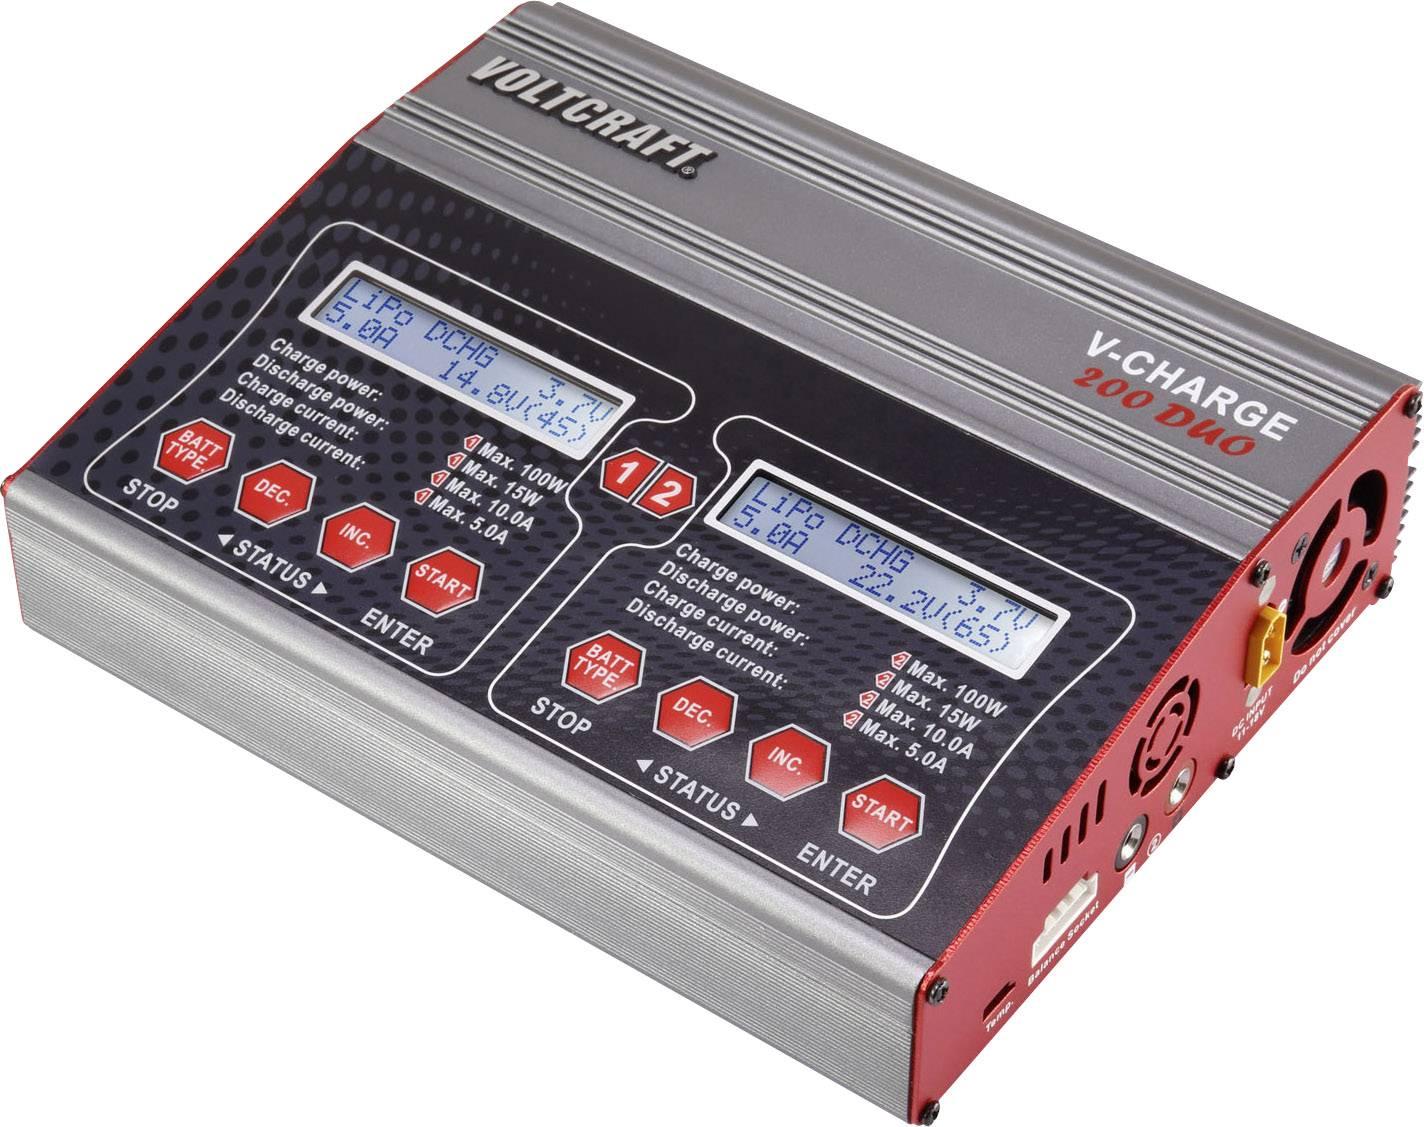 Modelárska multifunkčná nabíjačka VOLTCRAFT V-Charge 200 Duo 12 V, 230 V, 10 A